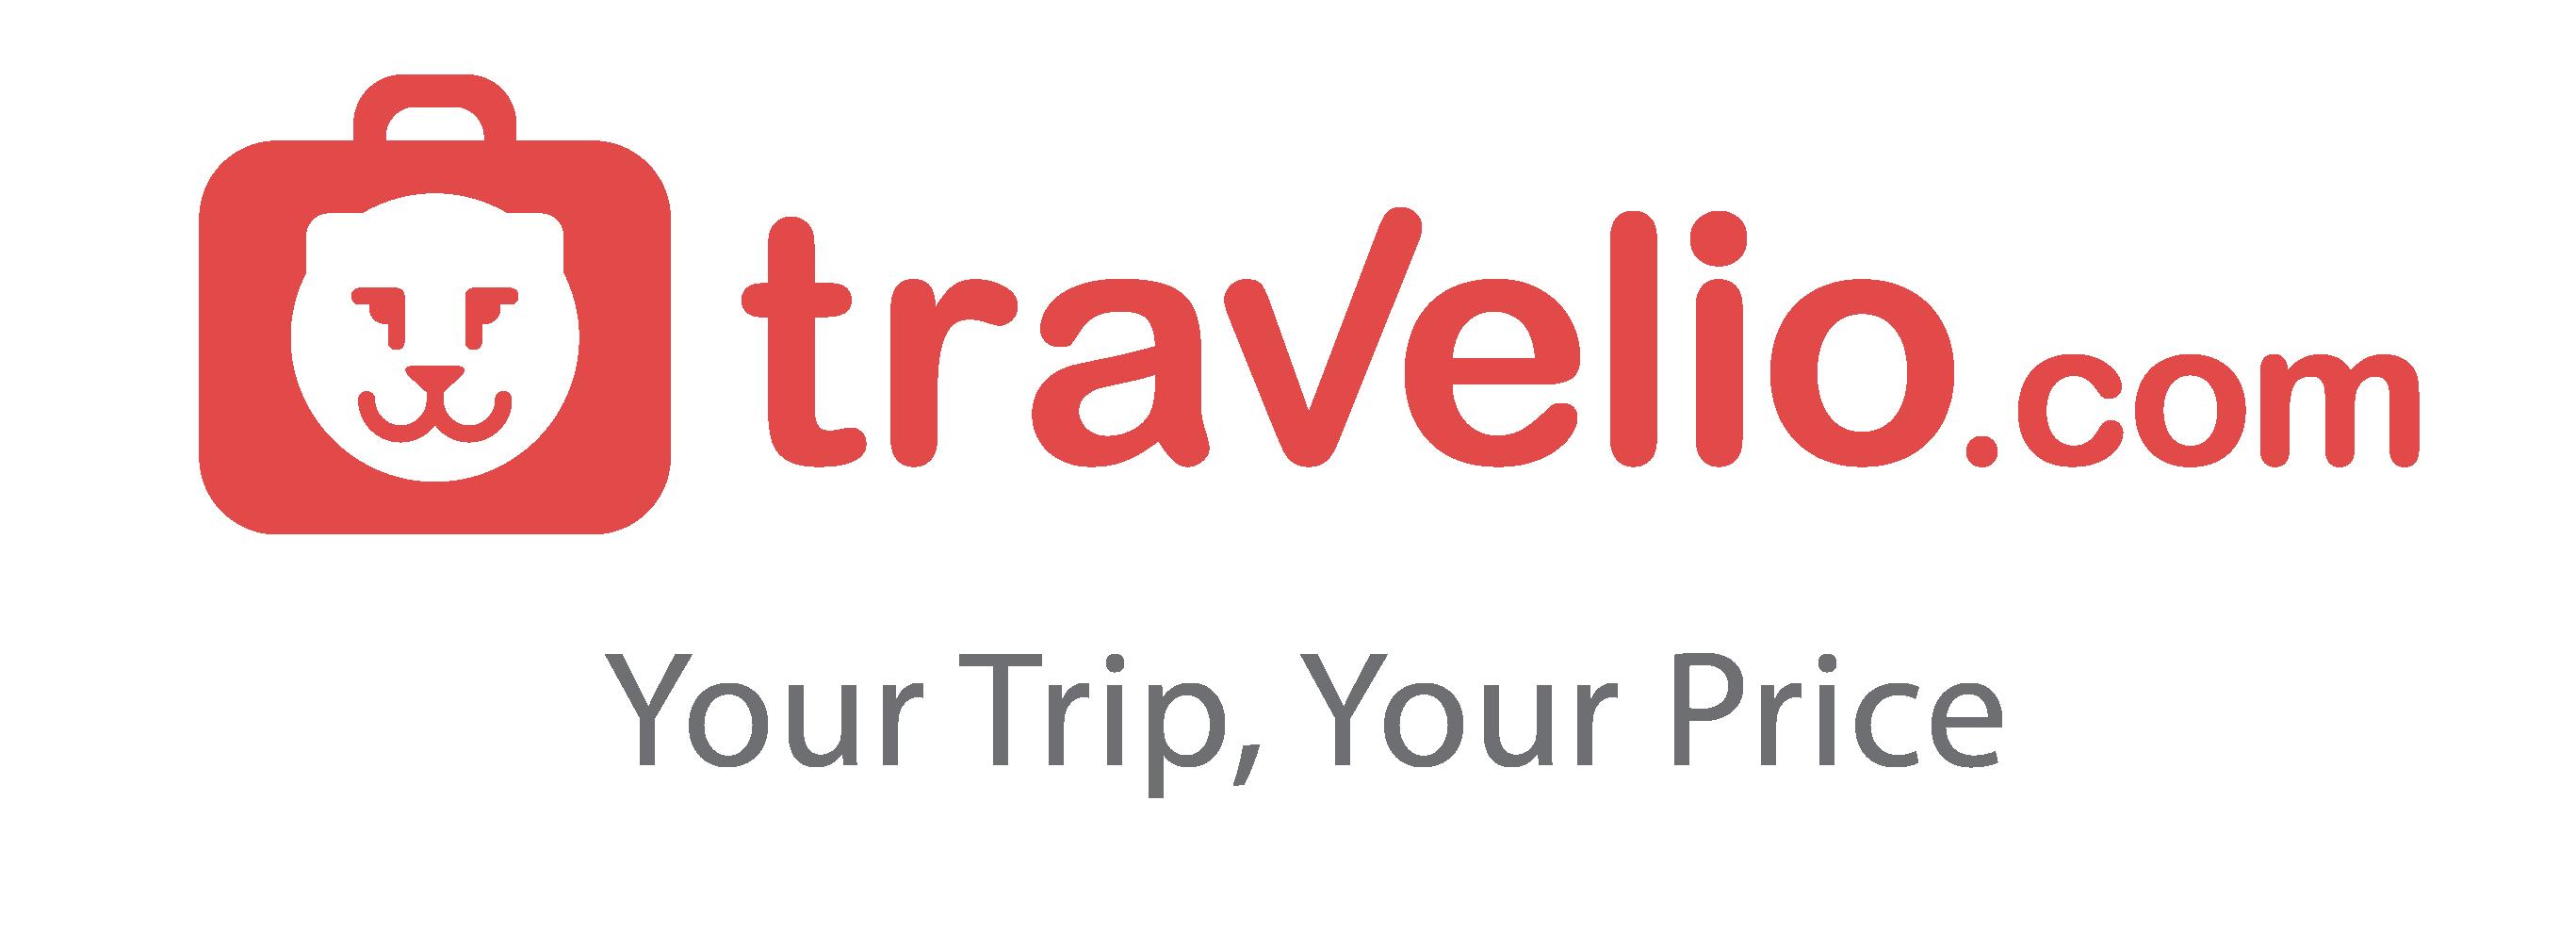 Travelio voucher codes